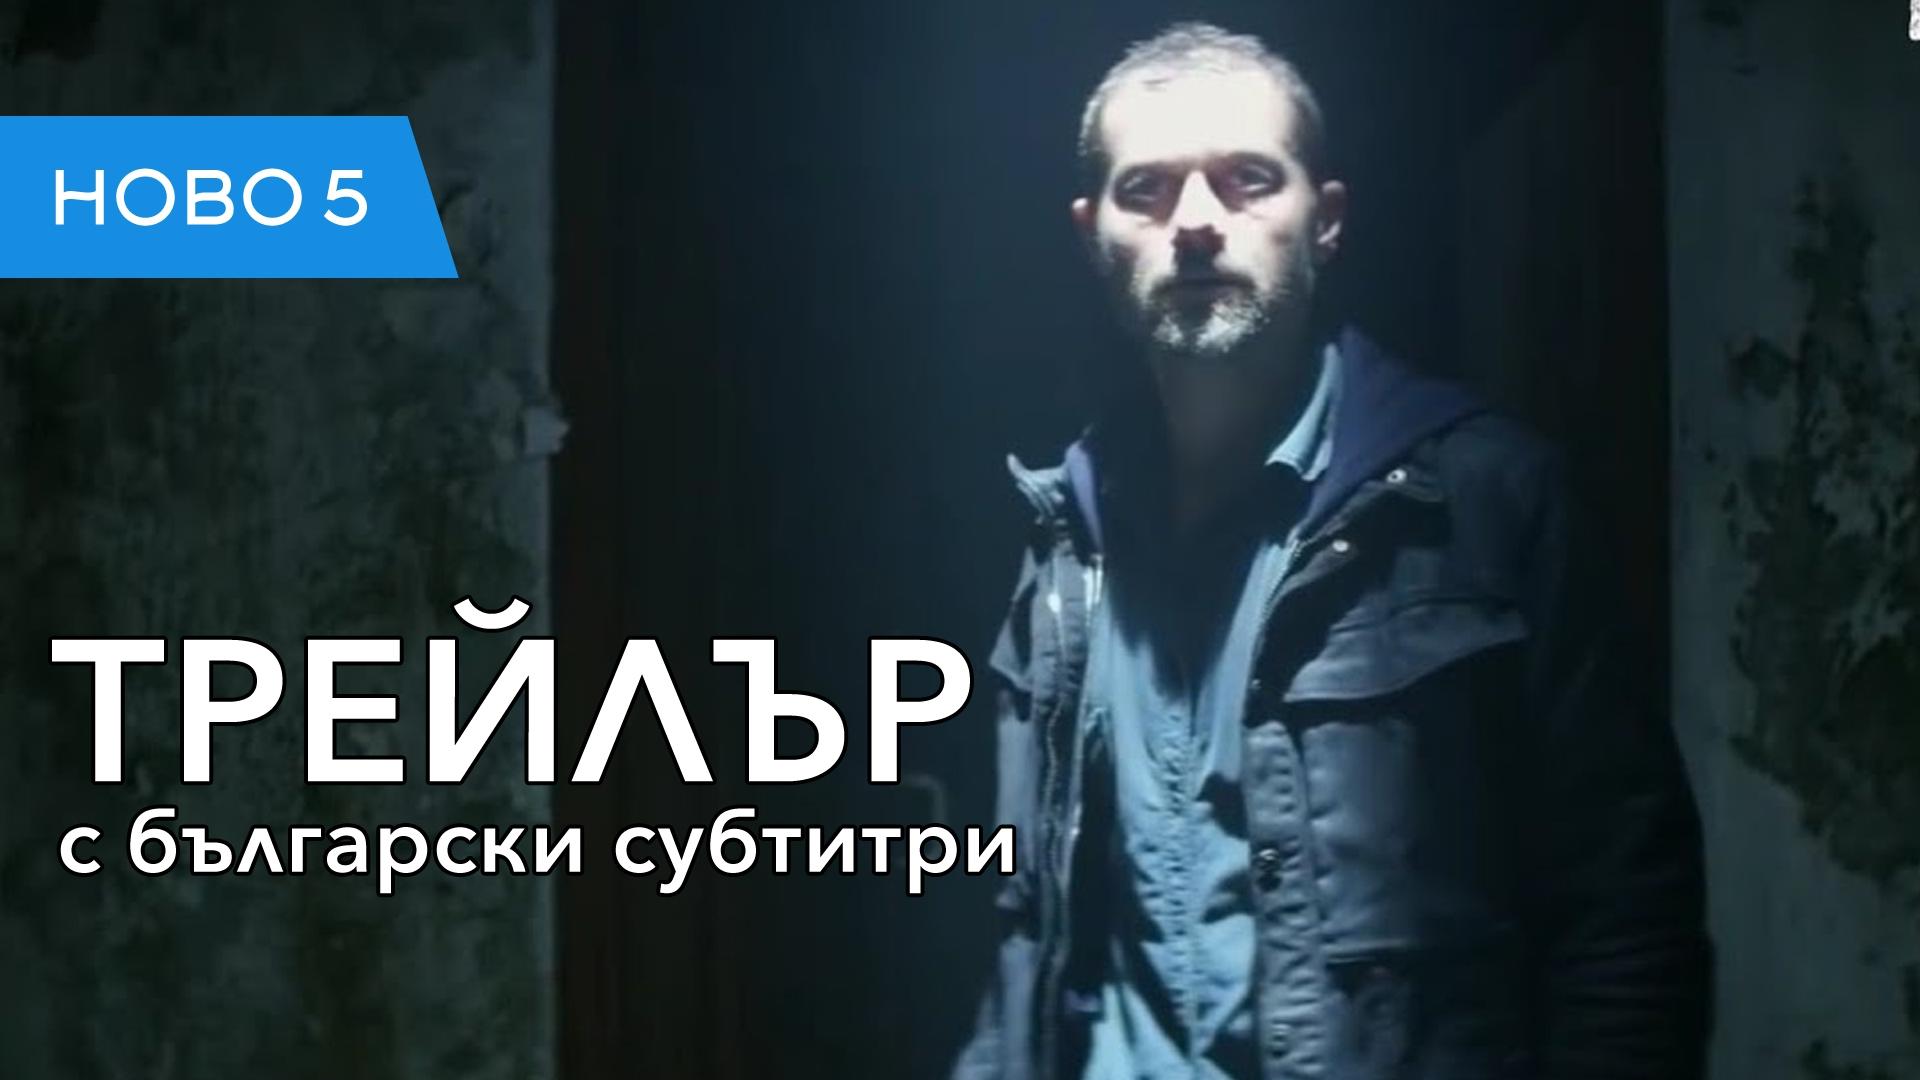 Кухия човек (2020) трейлър с български субтитри